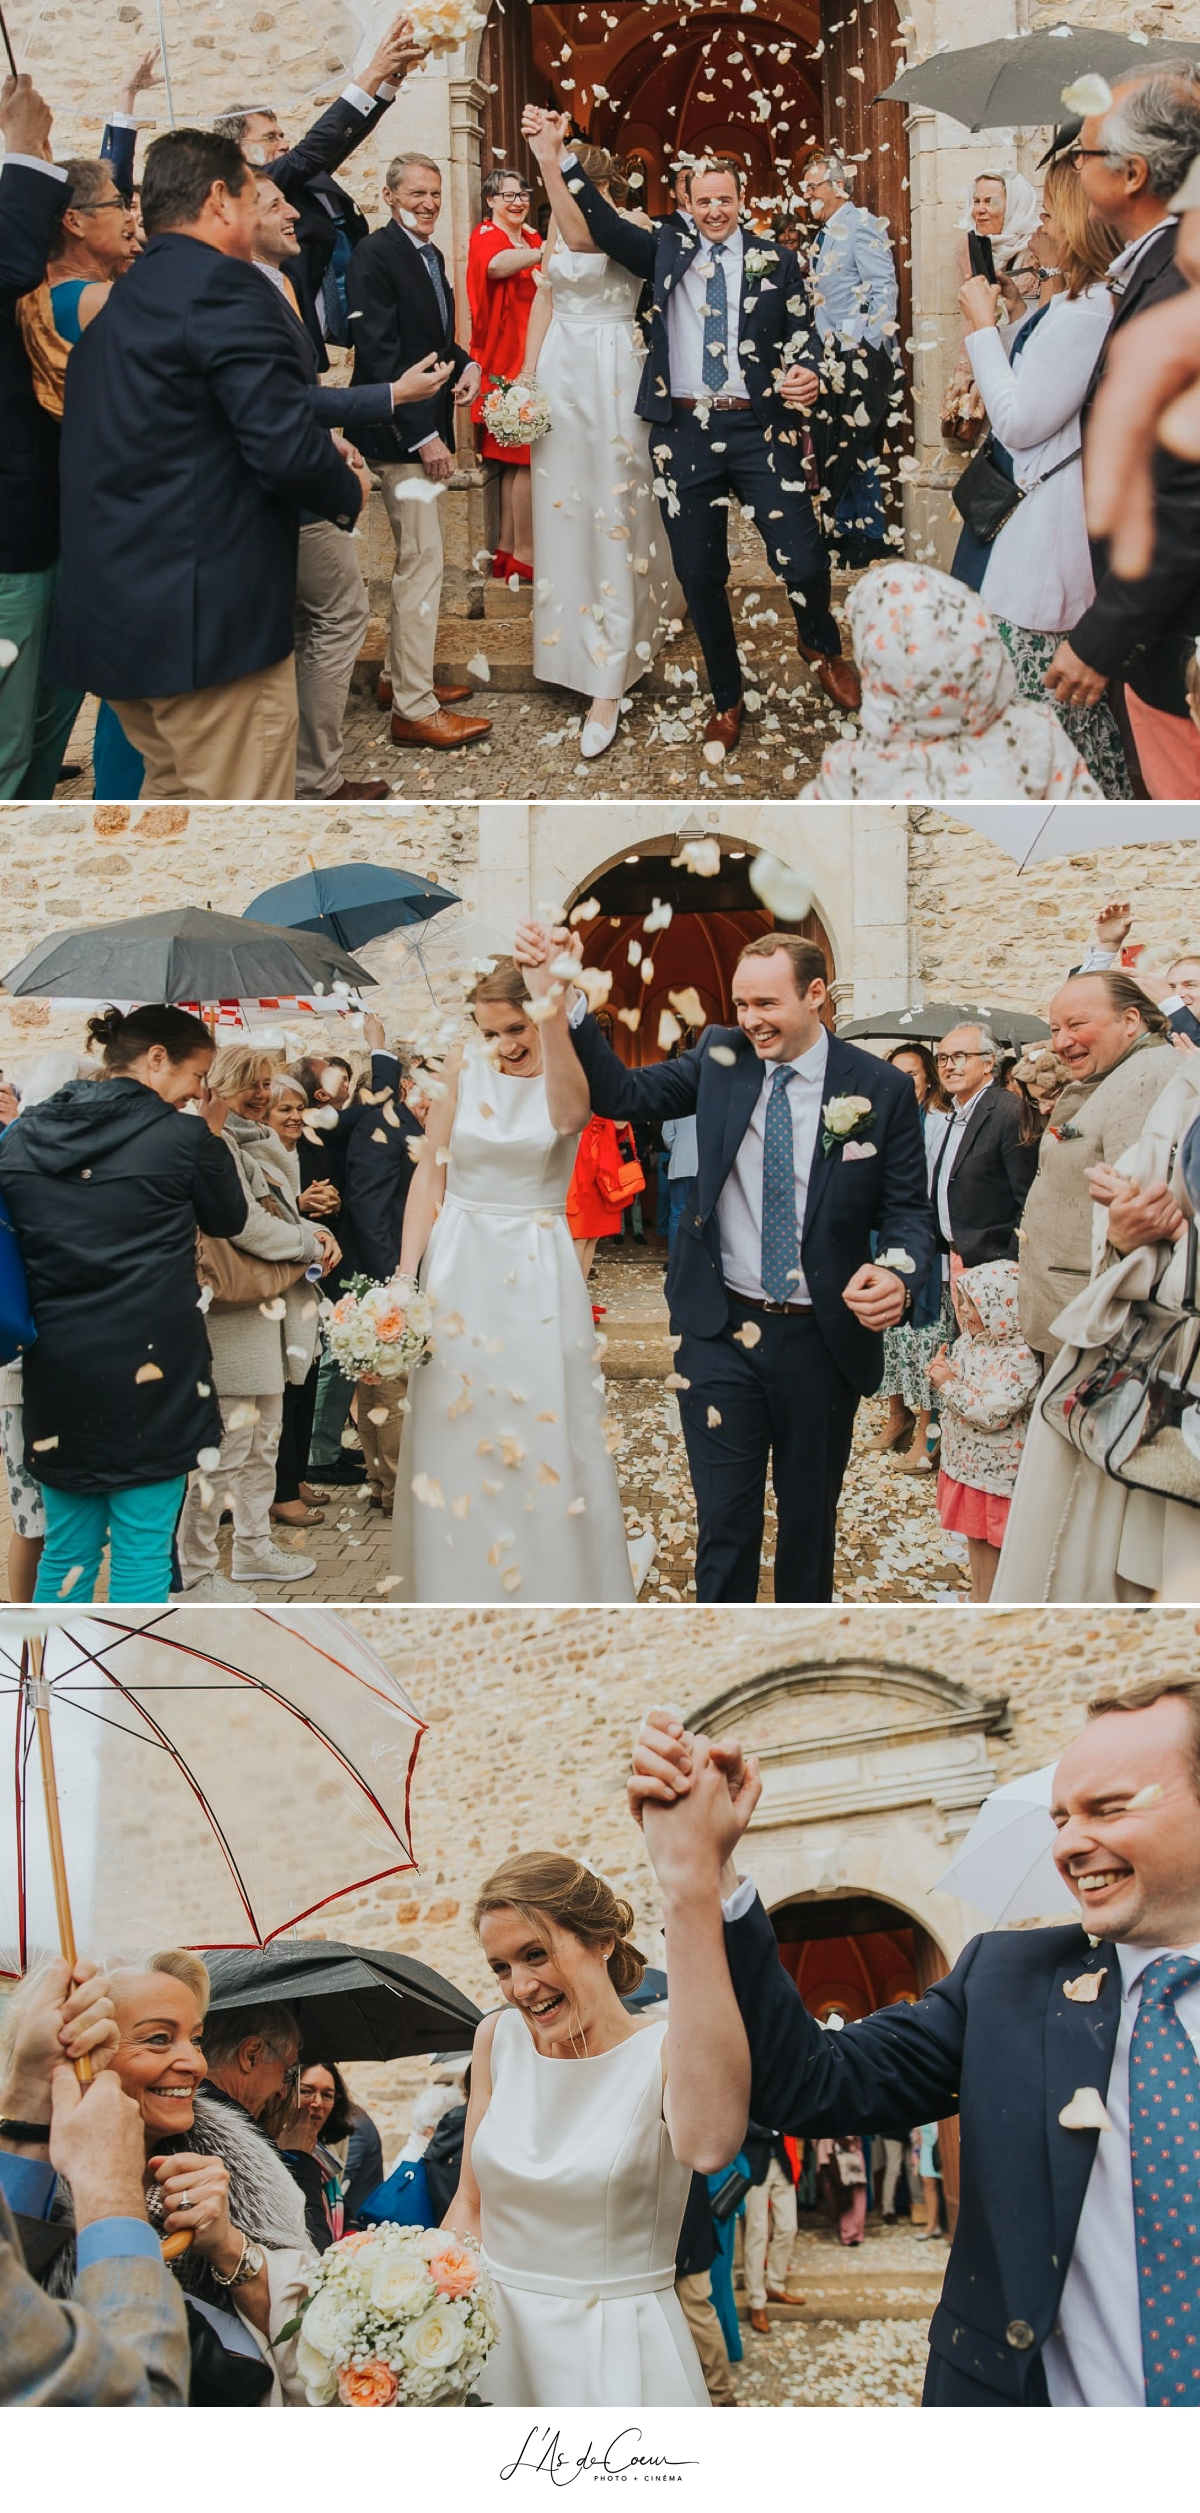 sortie église pluie Domaine de Morgon la javernière photographe mariage lyon Beaujolais L'As de Coeur